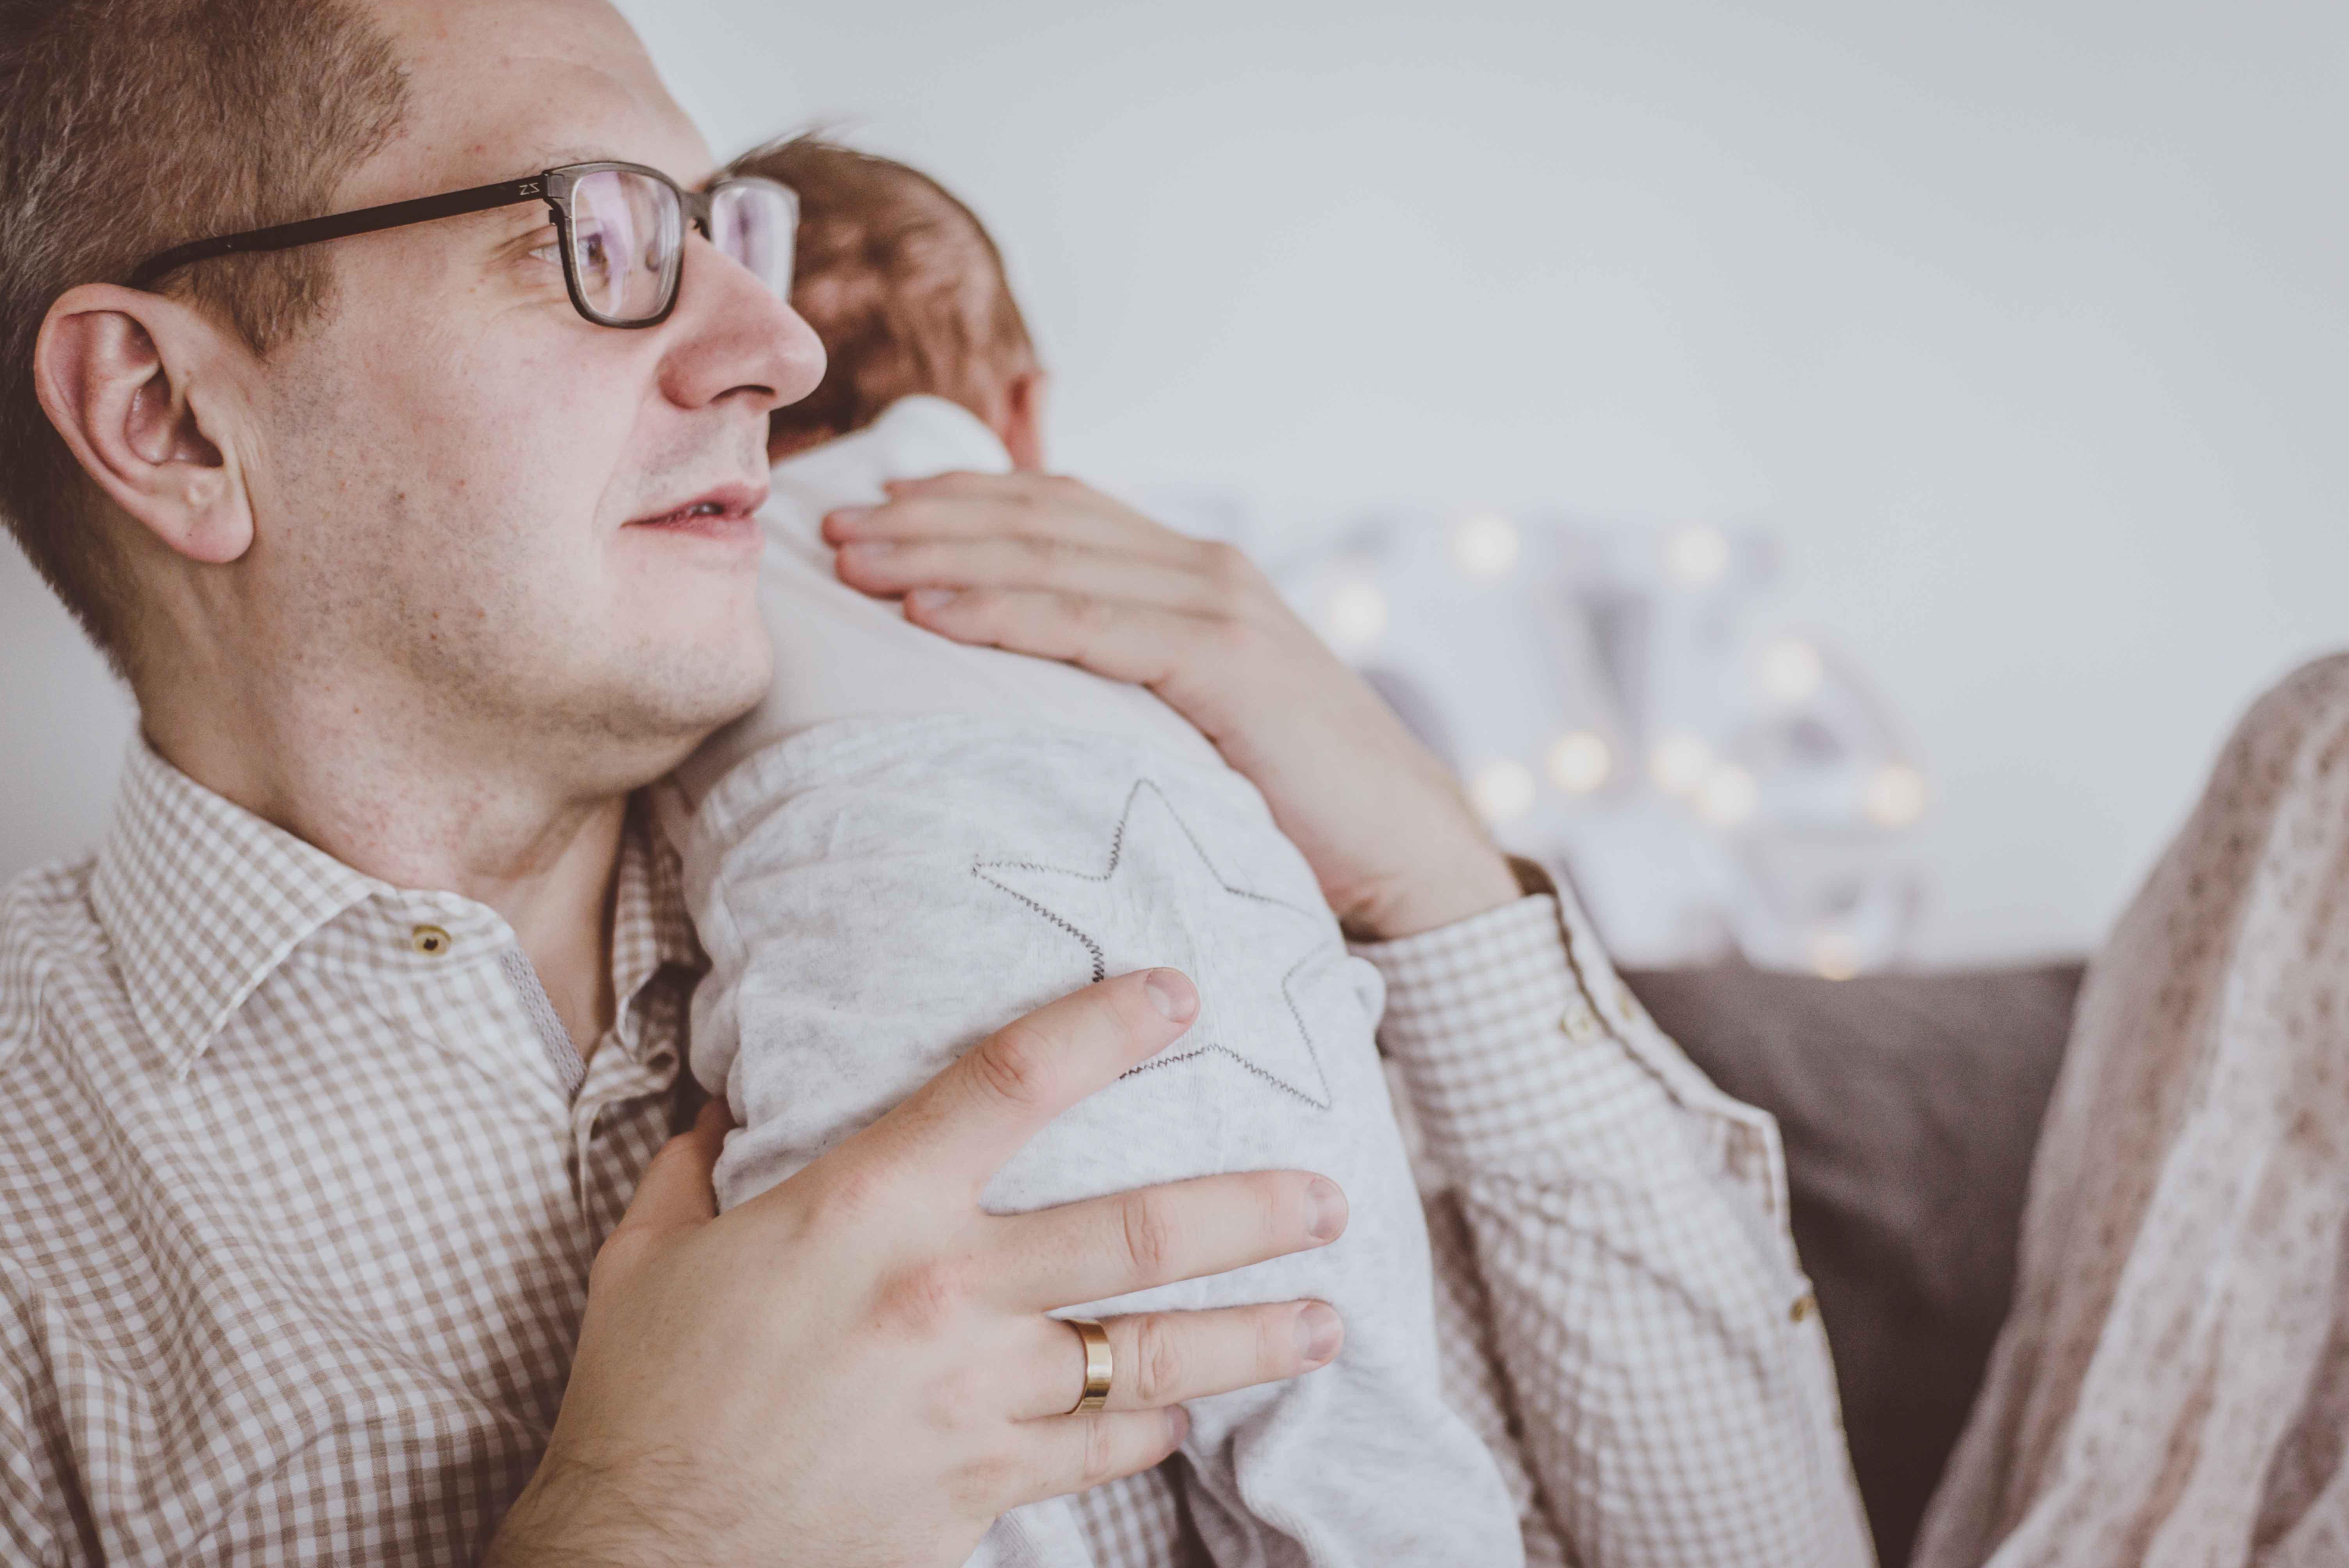 sesja-rodzinna-dzieck-newborn-wroclaw-okonasznurku (22)